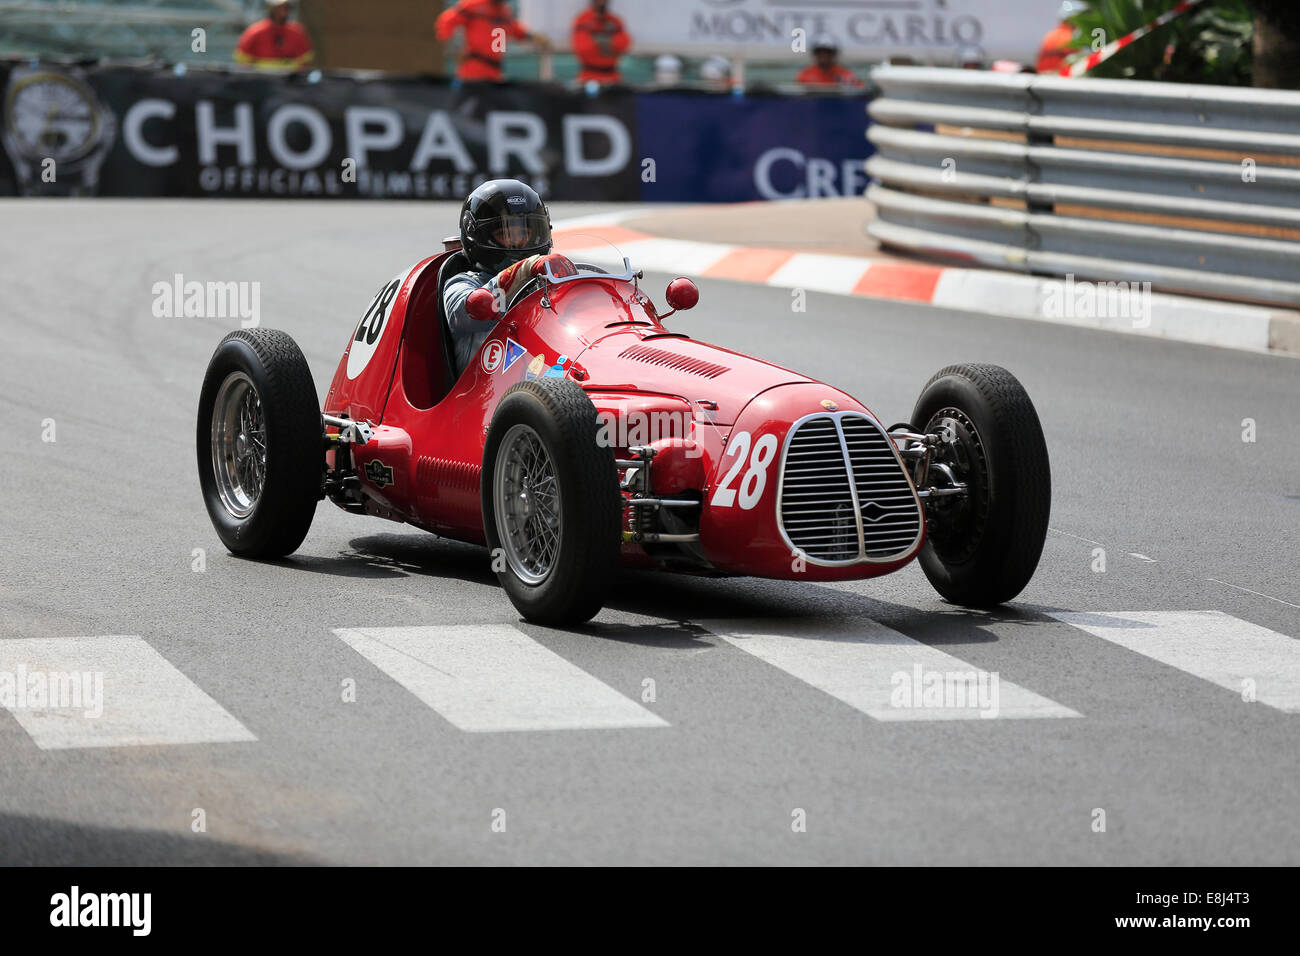 Post-war racing car Maserati A6GCM, built in 1951, driver Julia De Baldanza, 9th Grand Prix de Monaco Historique - Stock Image